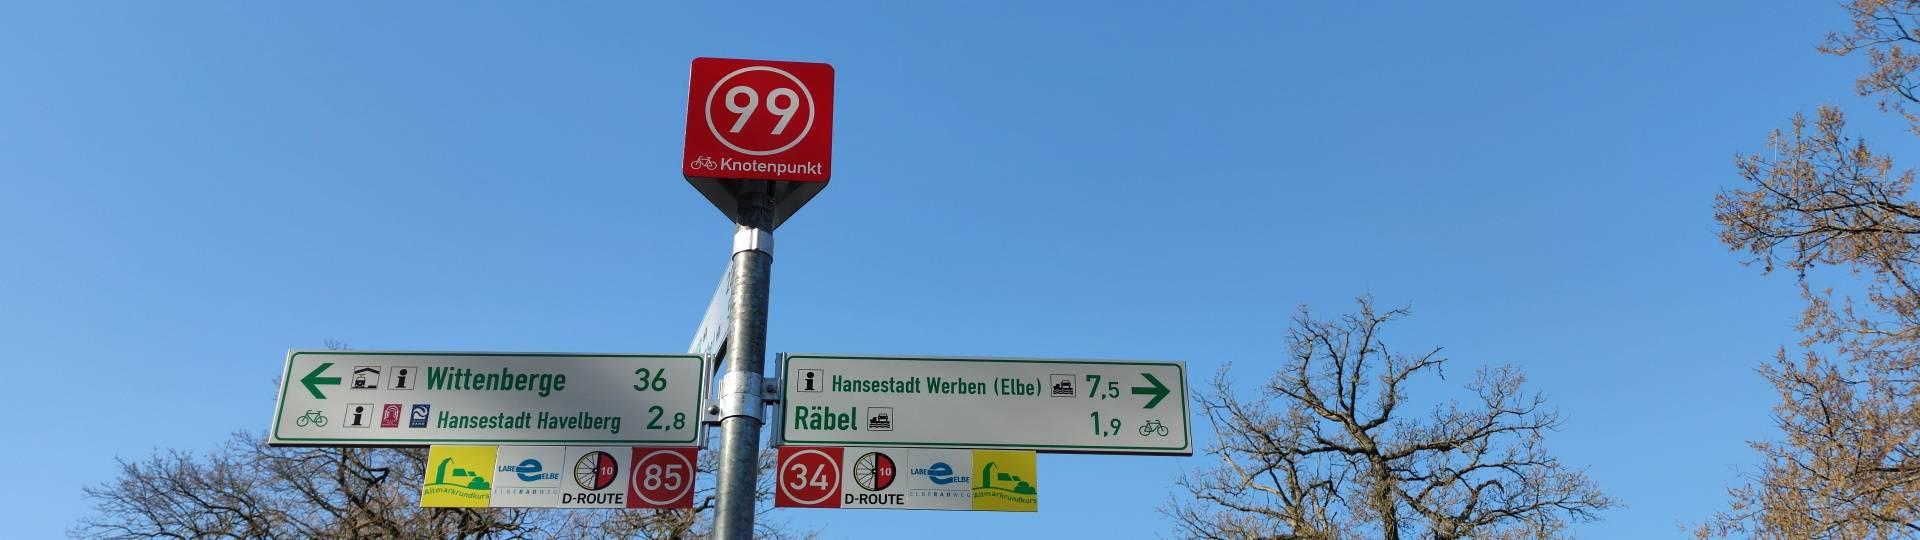 radeln nach zahlen in den startlöchern ©Hansestadt Havelberg